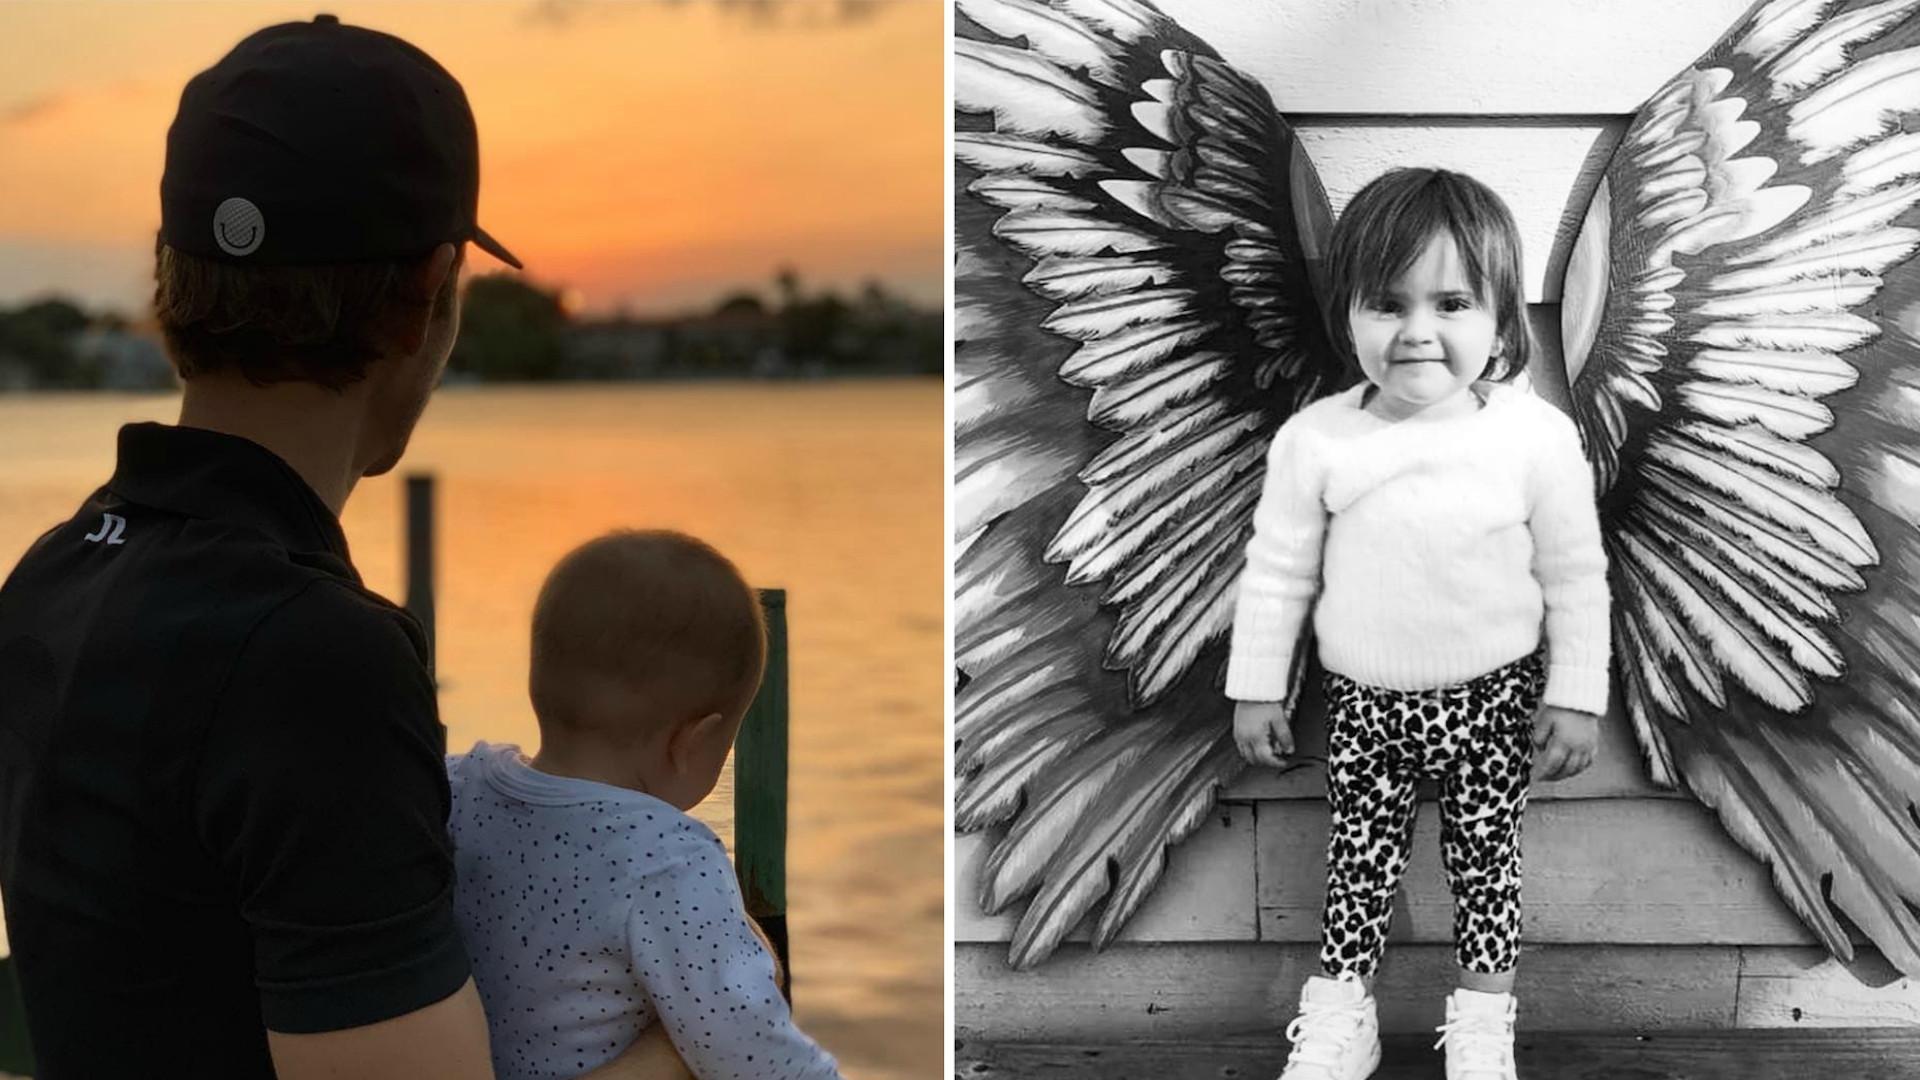 Zmarła 2-letnia córka golfisty. Dziewczynka miała nowotwór kręgosłupa i mózgu